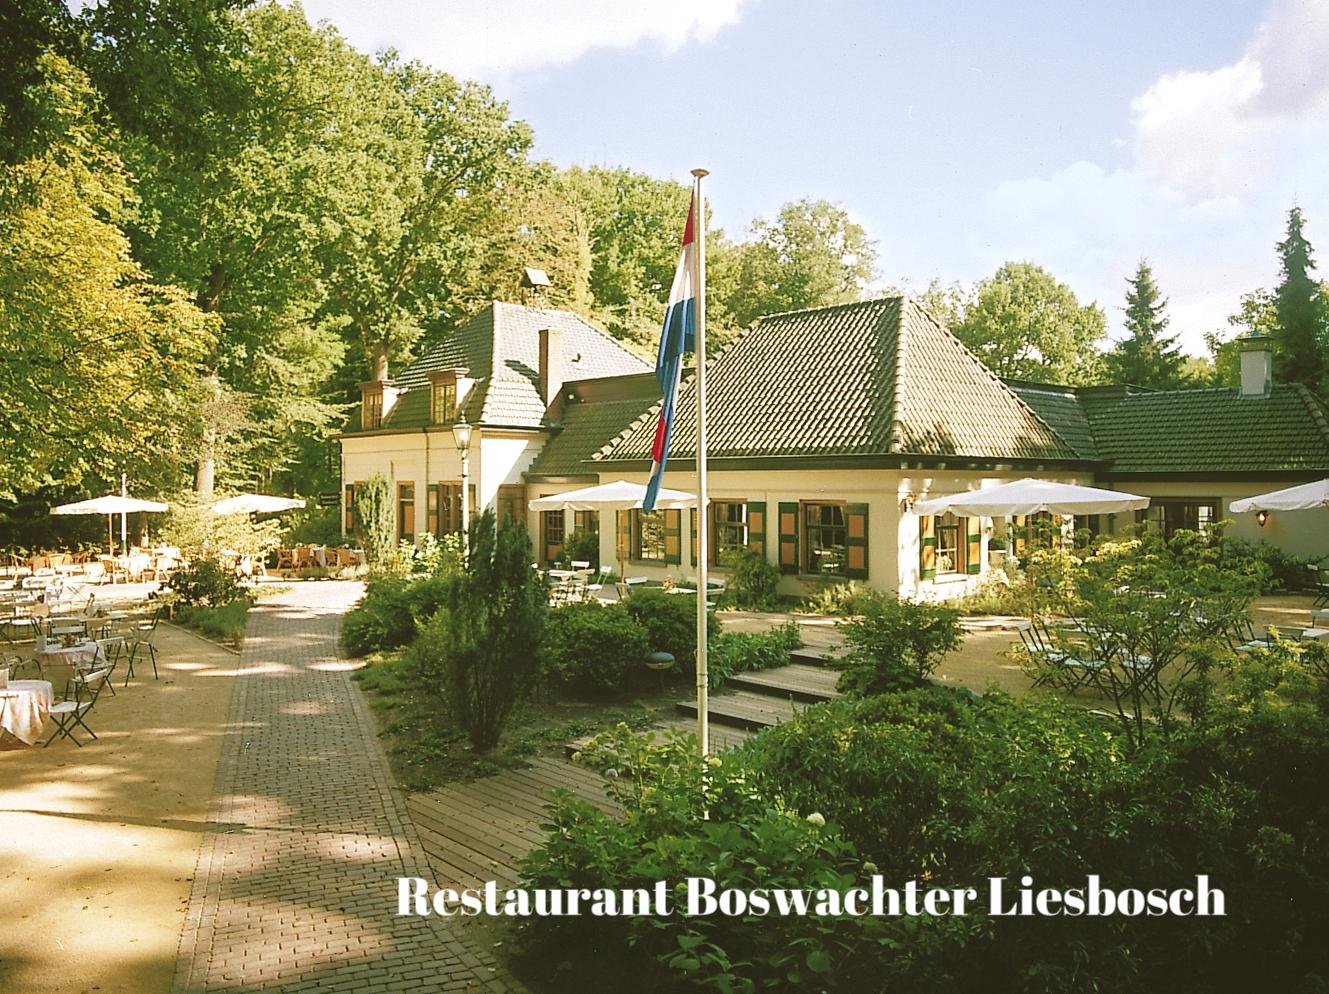 Restaurant Boswachter Liesbosch Breda zomer